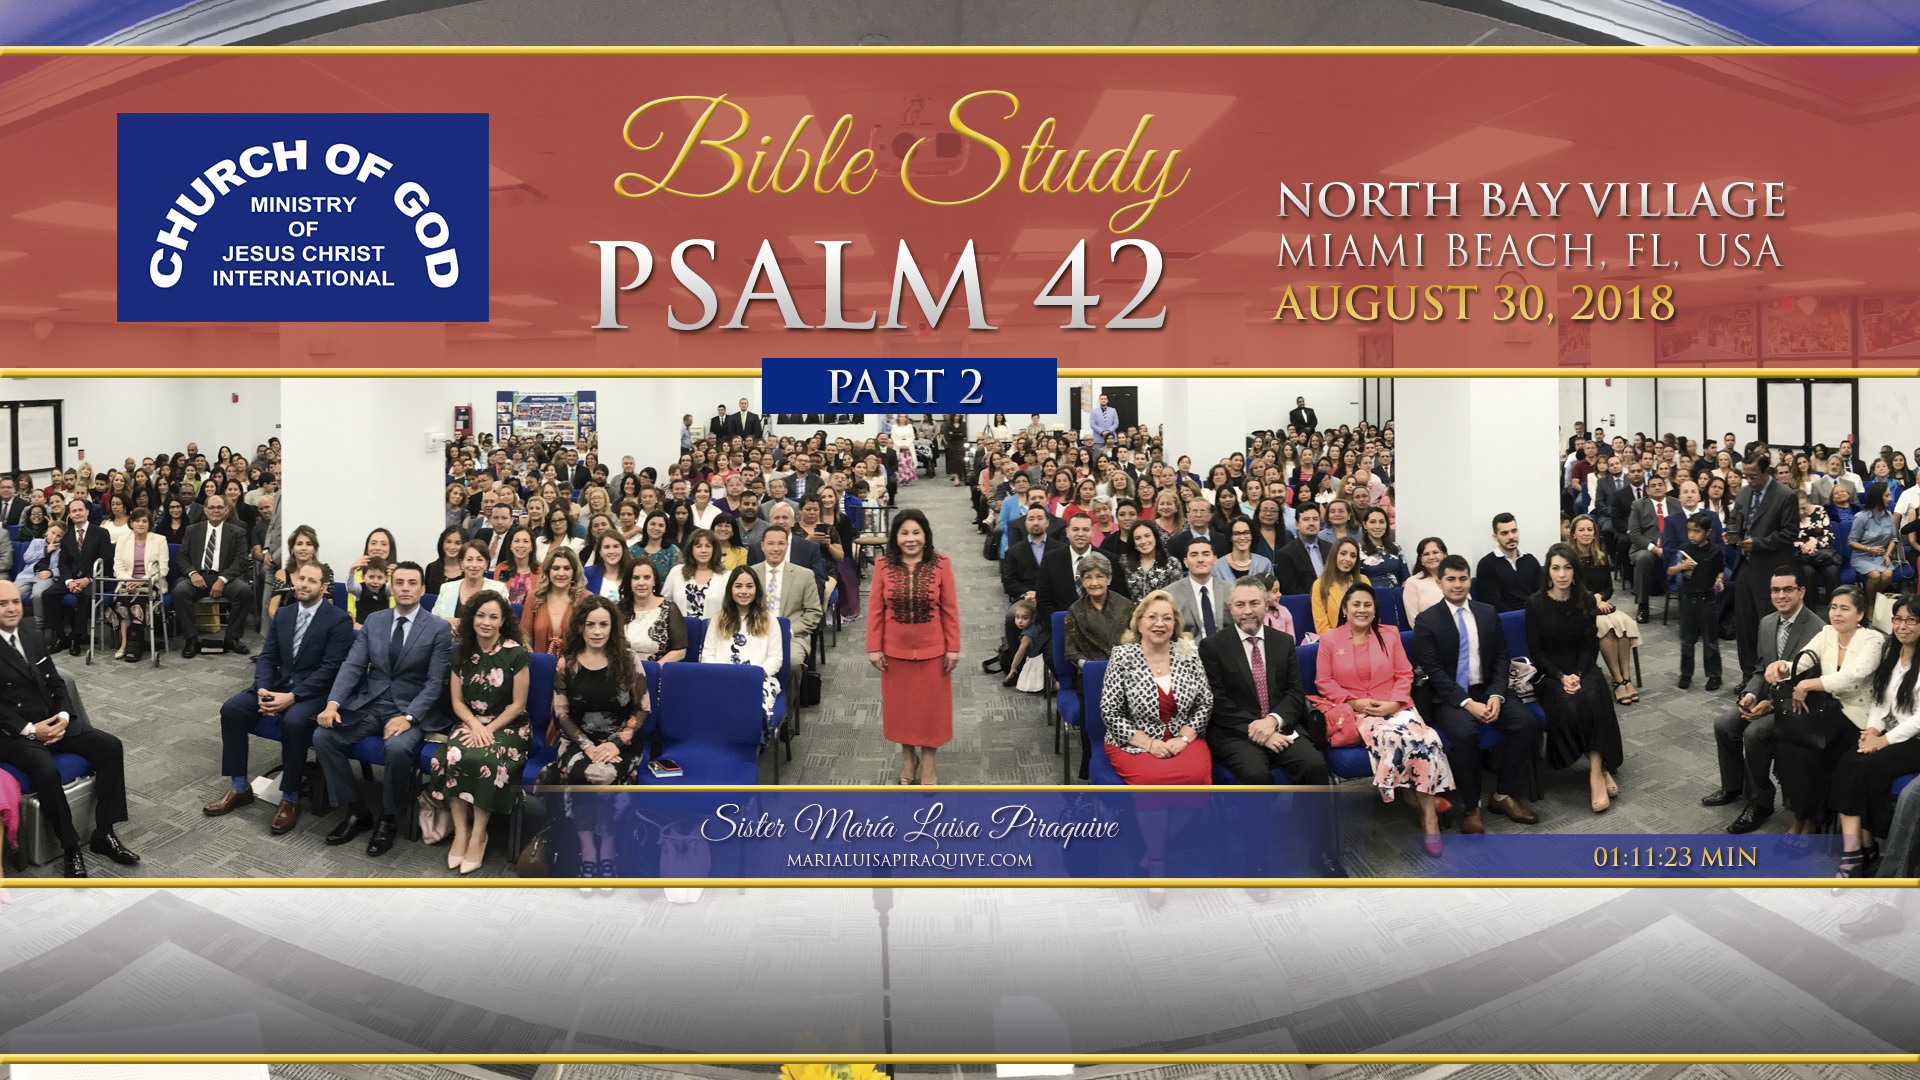 Psalm 42, Part 2